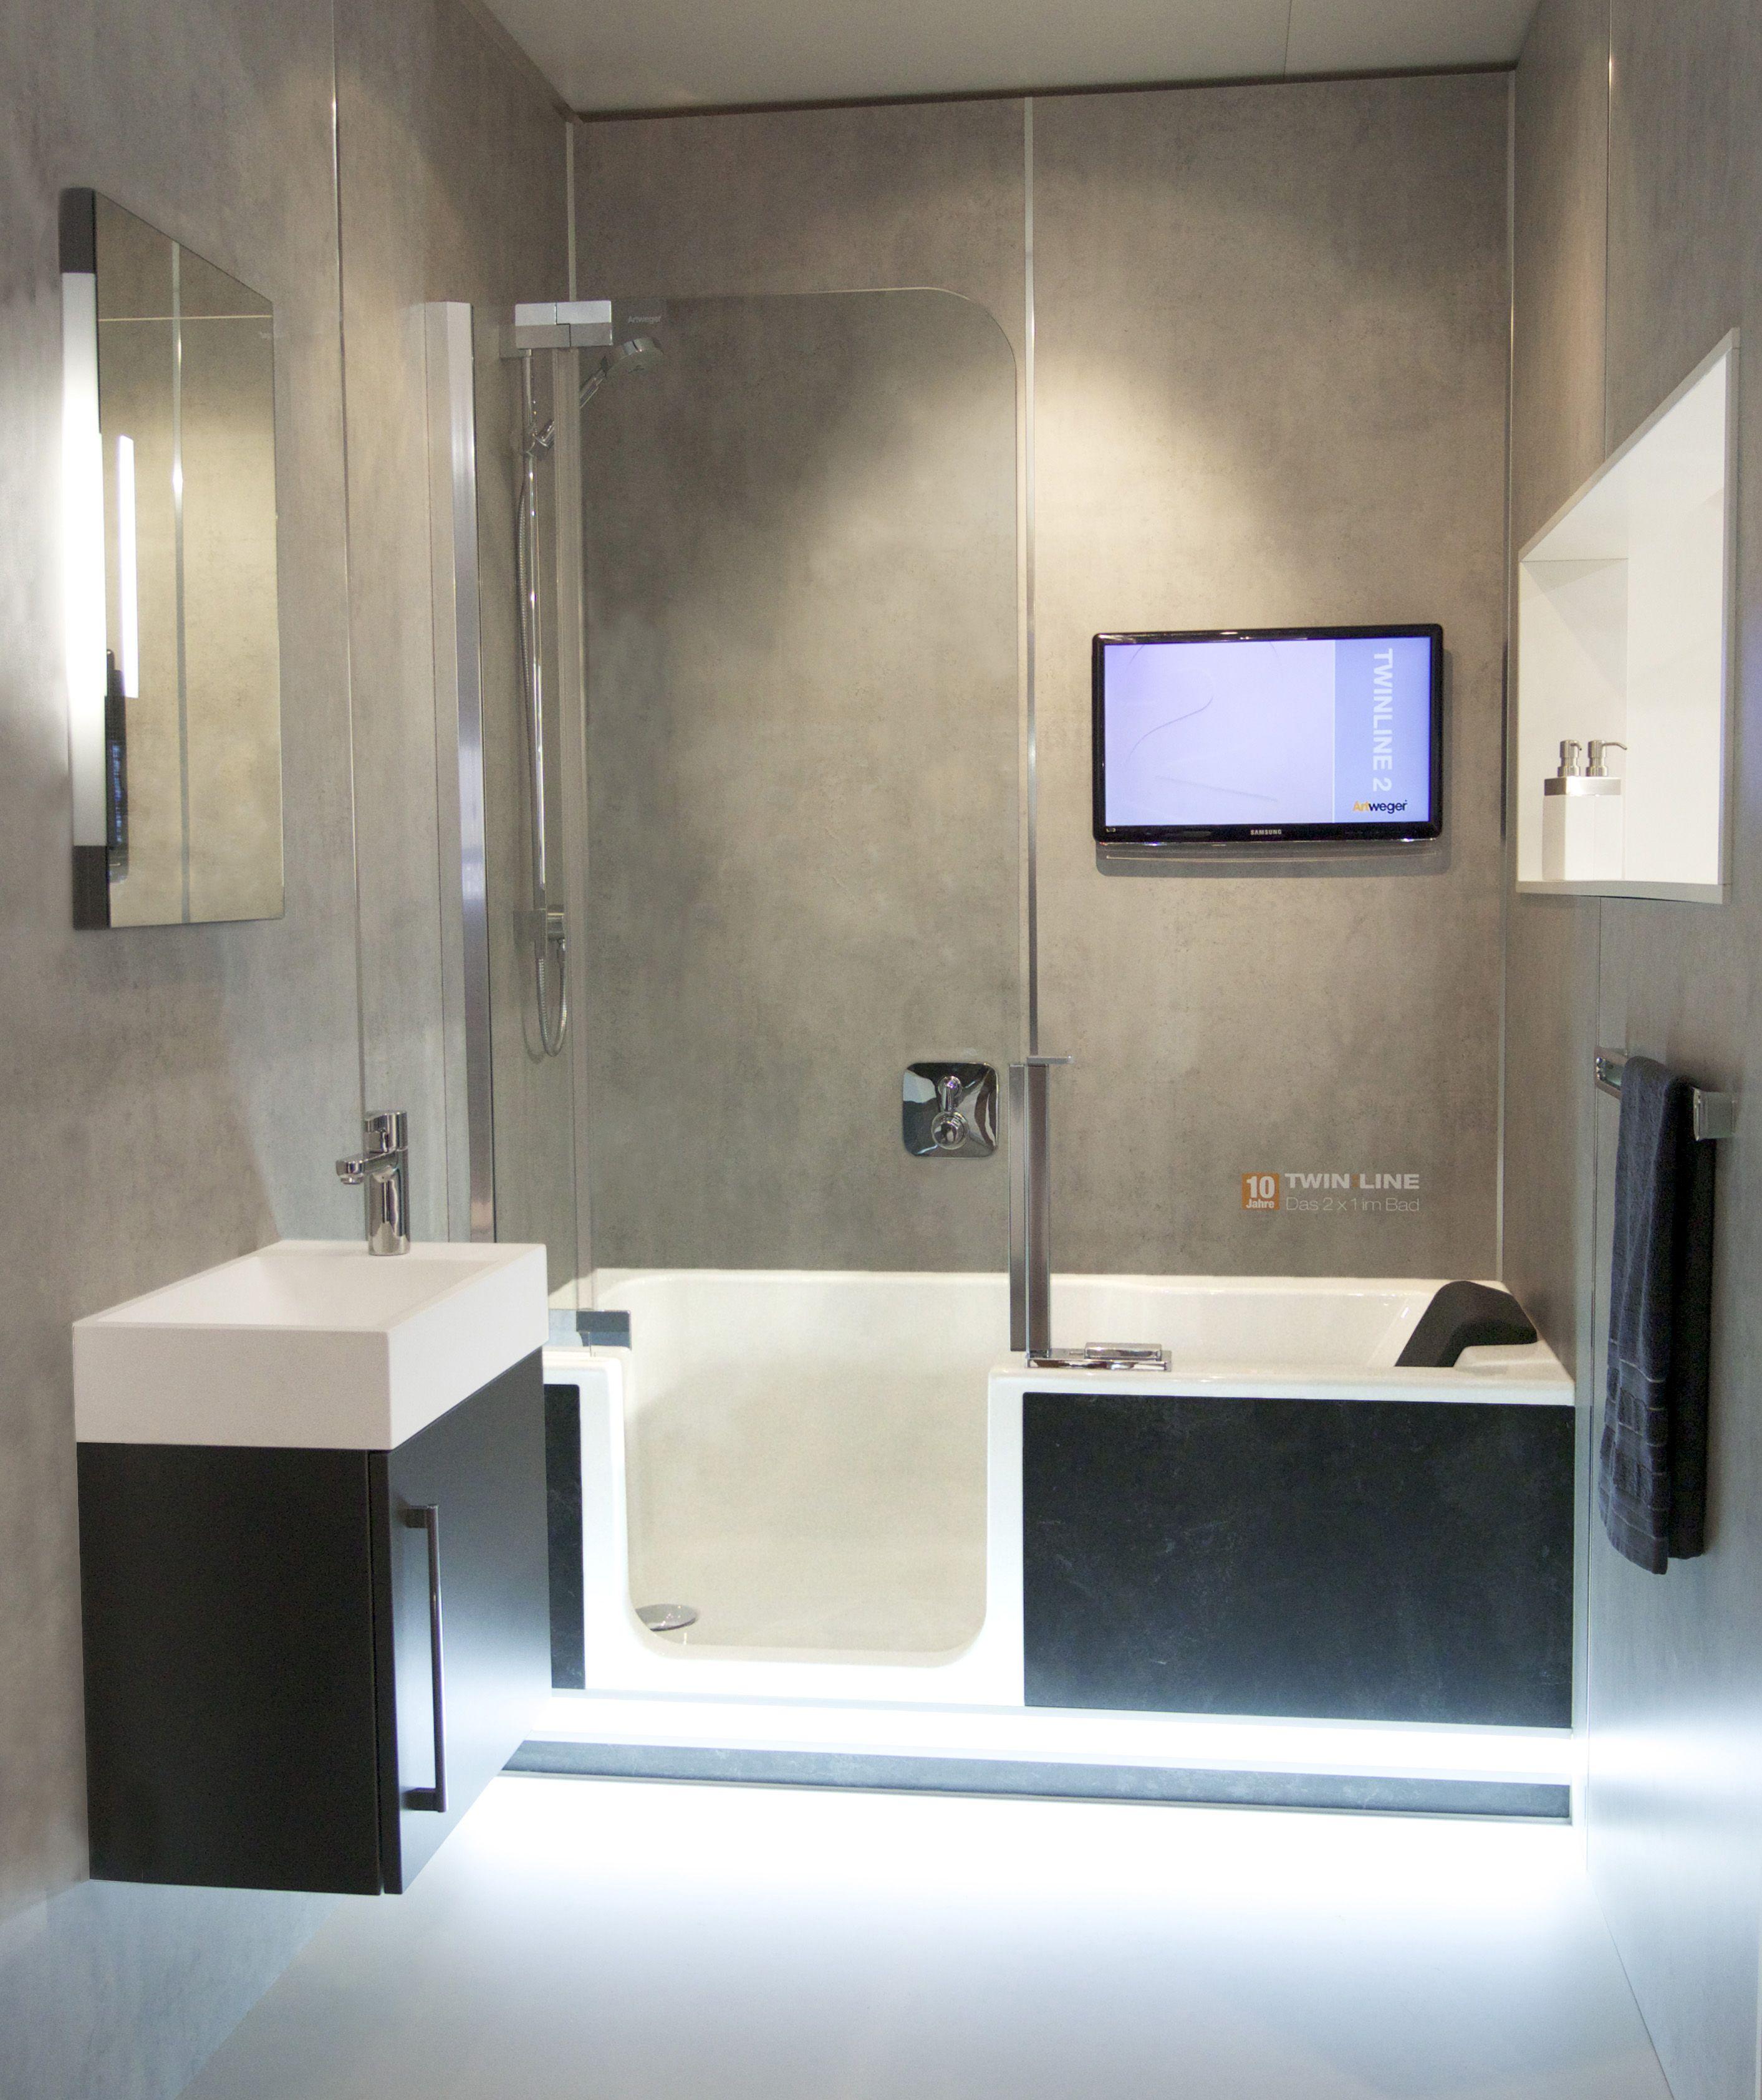 Badezimmer ideen whirlpool komplettes bad auf ganz wenig raum  mit badewanne und dusche in